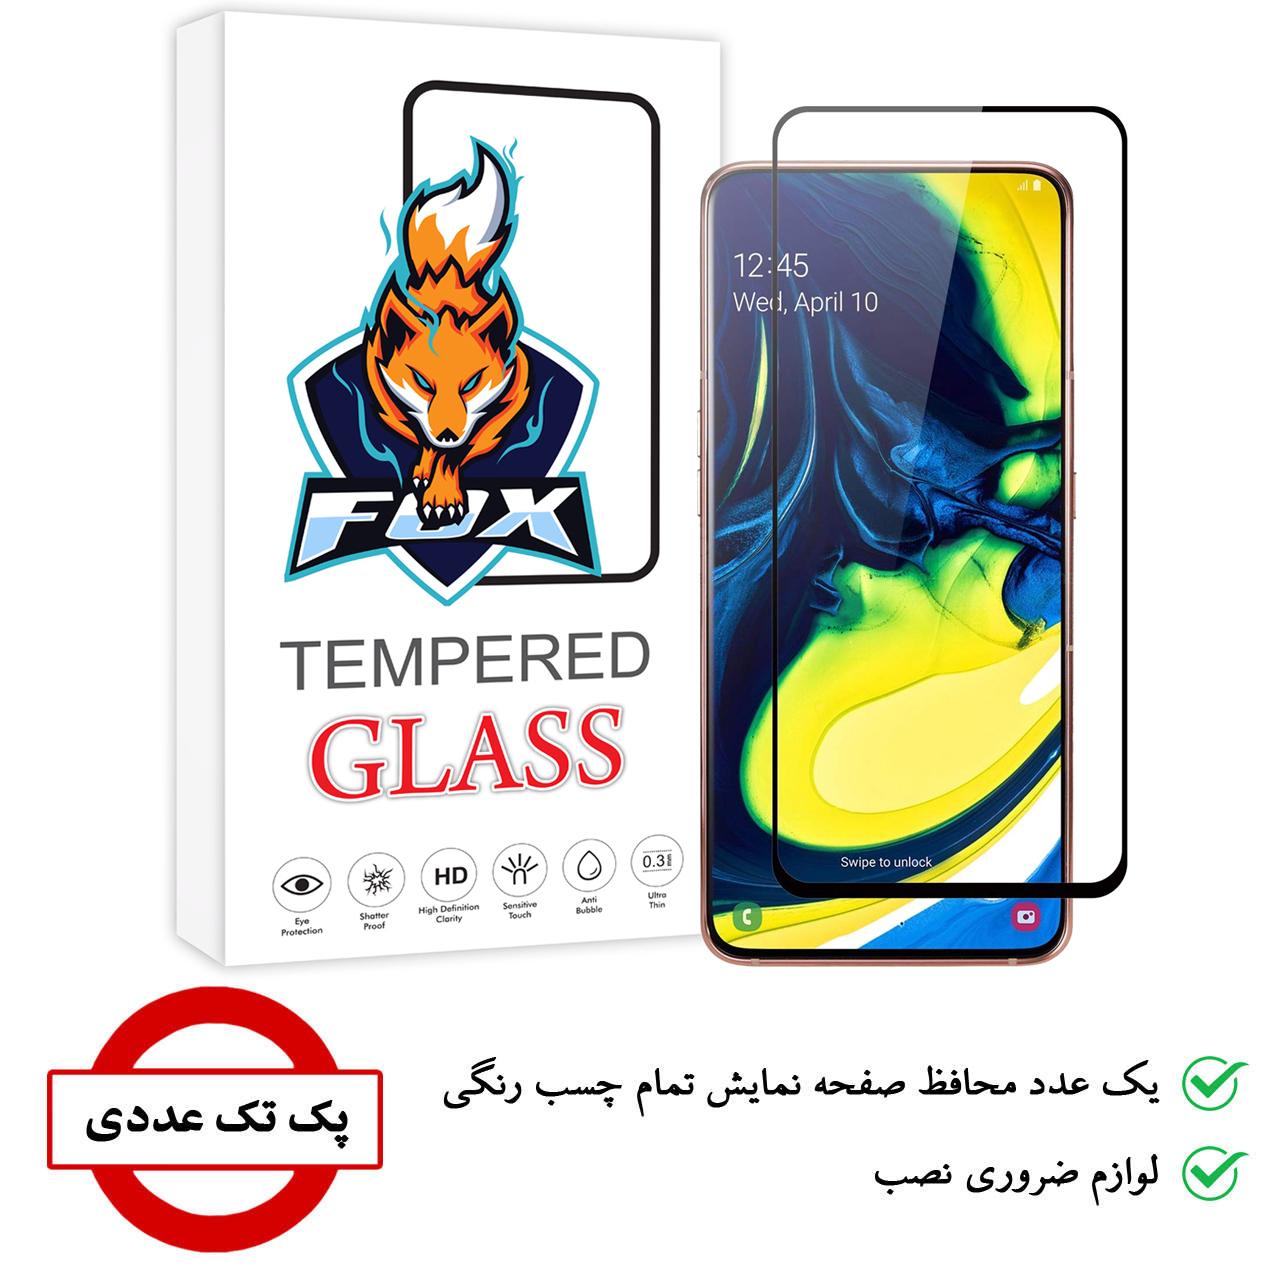 محافظ صفحه نمایش فوکس مدل PT001 مناسب برای گوشی موبایل سامسونگ Galaxy A80 main 1 1